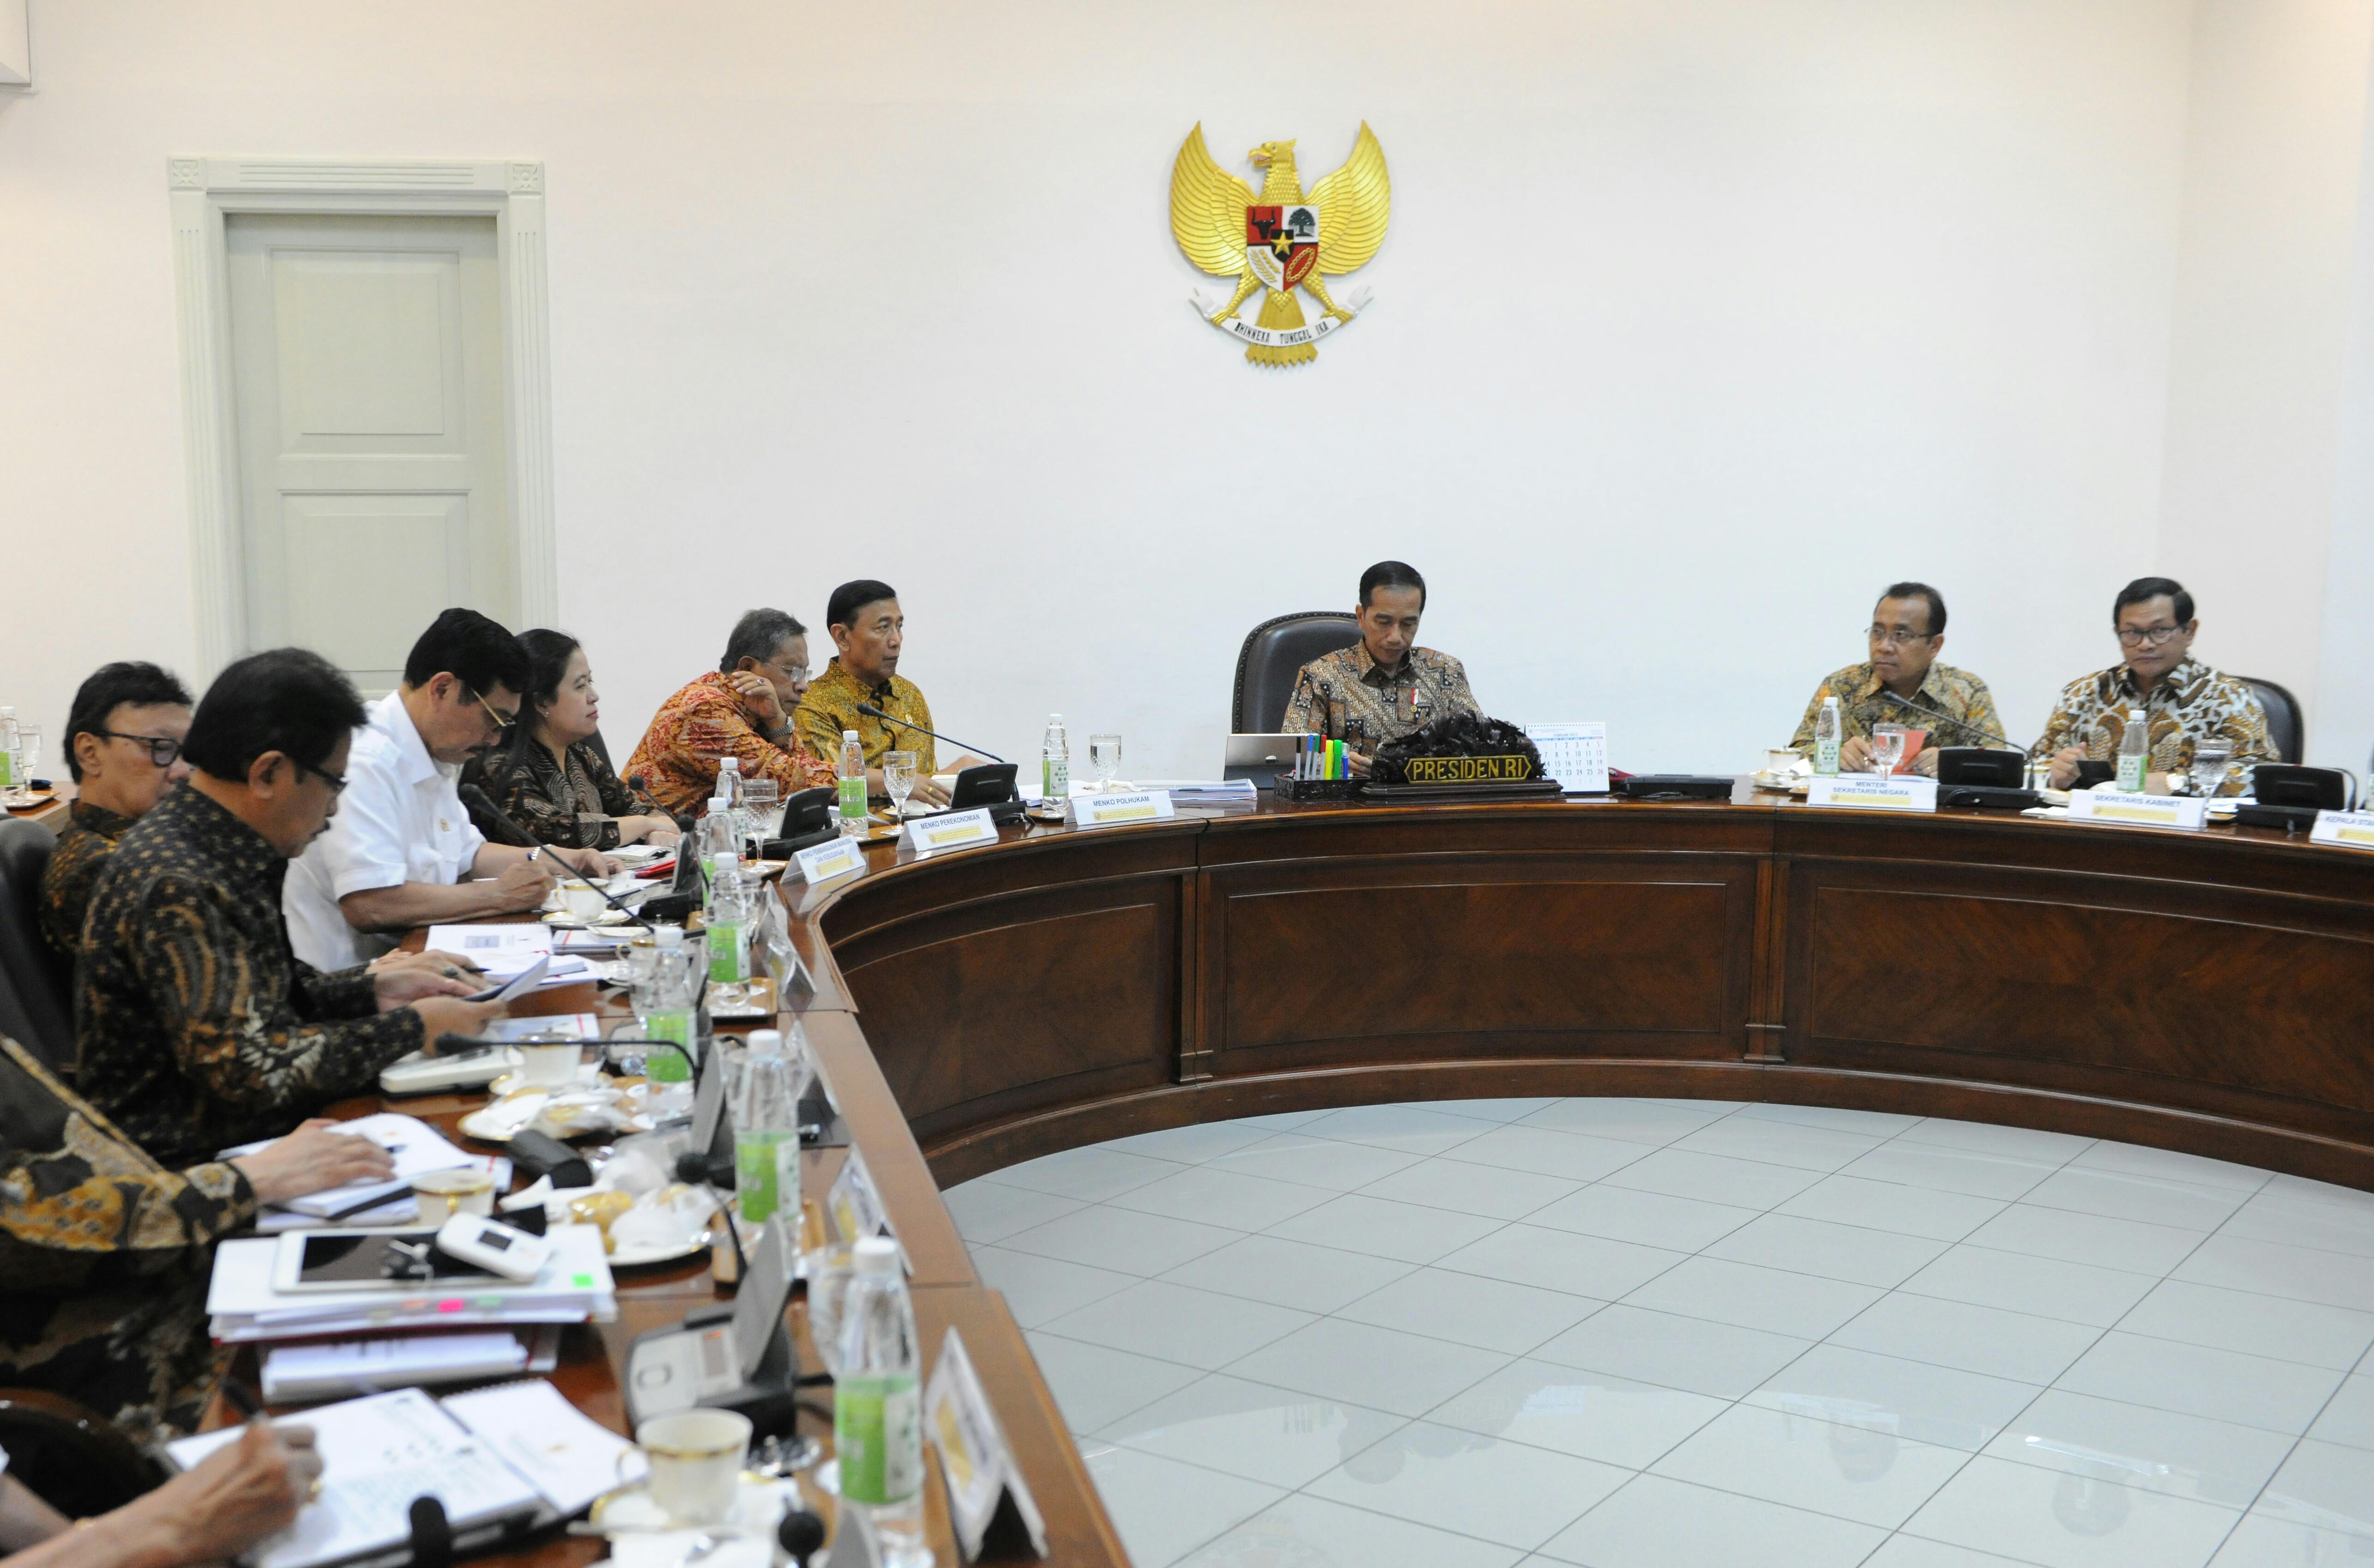 Presiden Jokowi memimpin rapat terbatas mengenai reforma agraria, di Kantor Presiden, Jakarta, Rabu (22/3) siang. (Foto: Ozi/Humas)